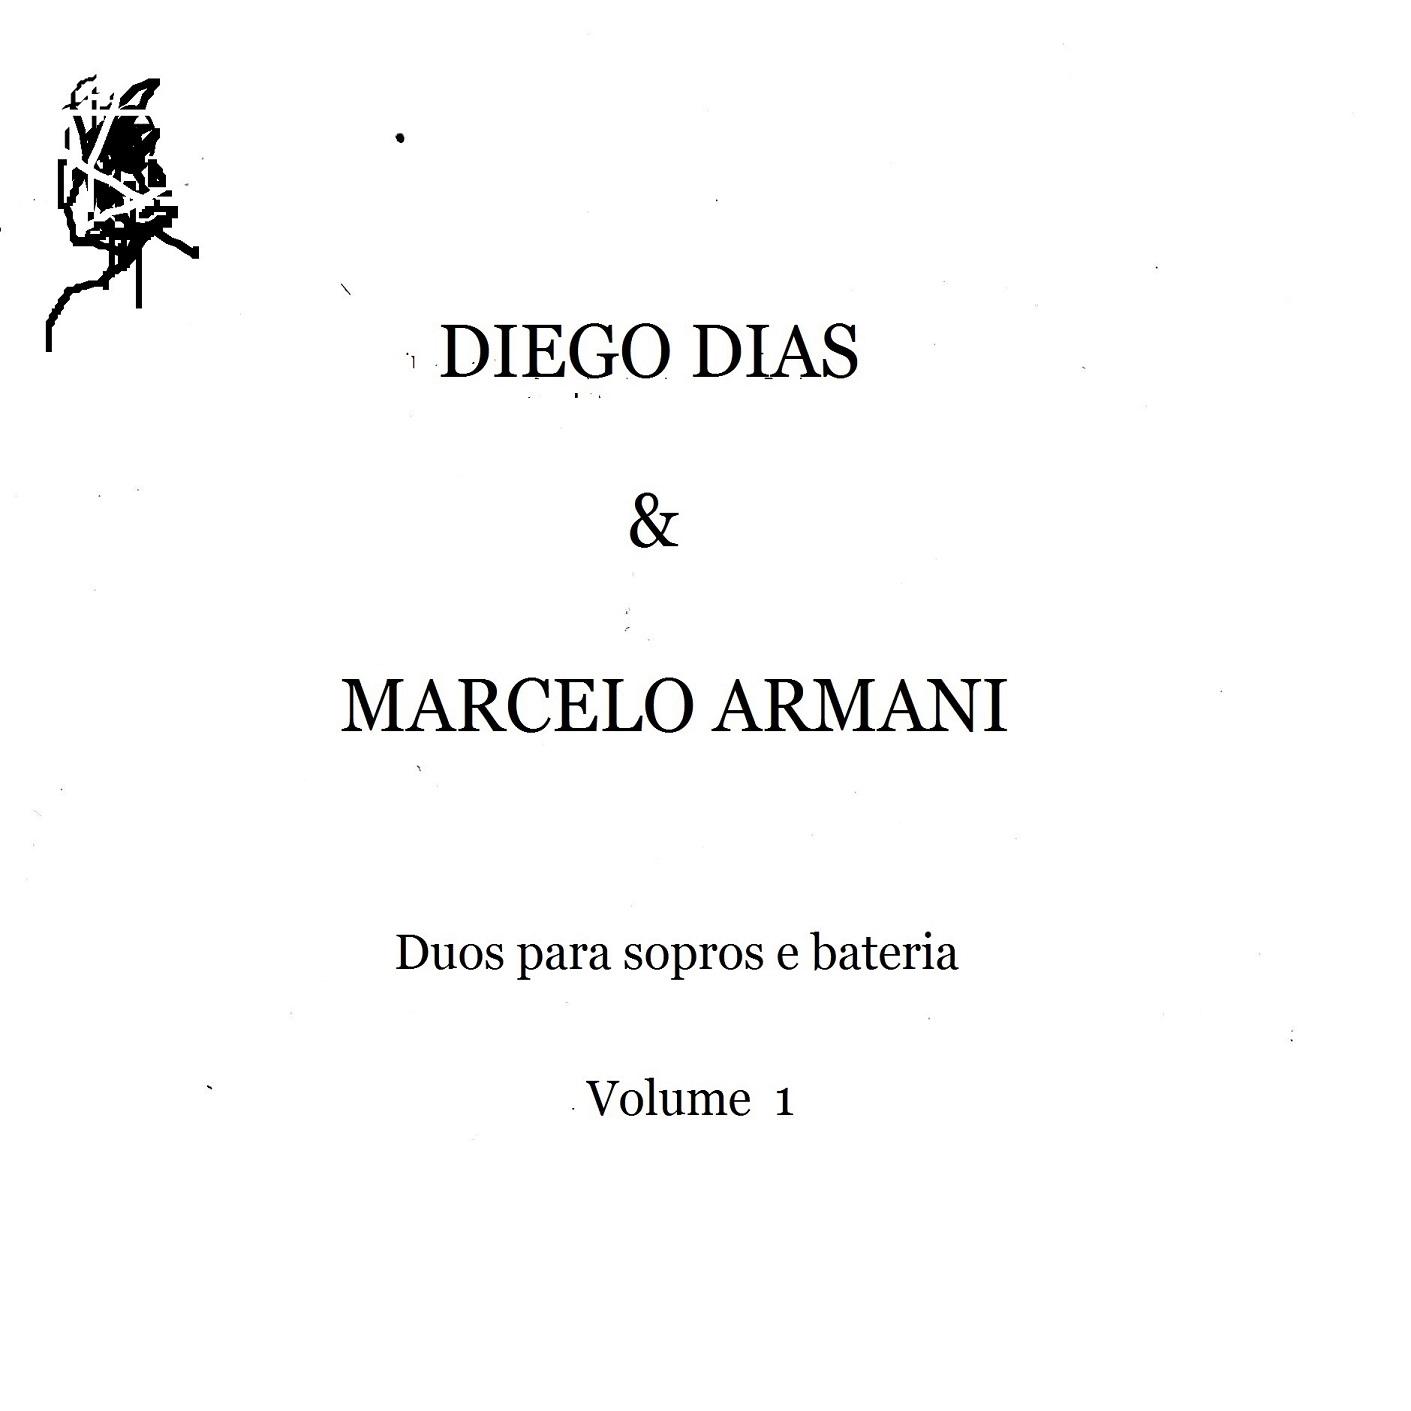 MSCD045 - Diego Dias & Marcelo Armani - Duo para Sopros e Bateria [Volume 1]